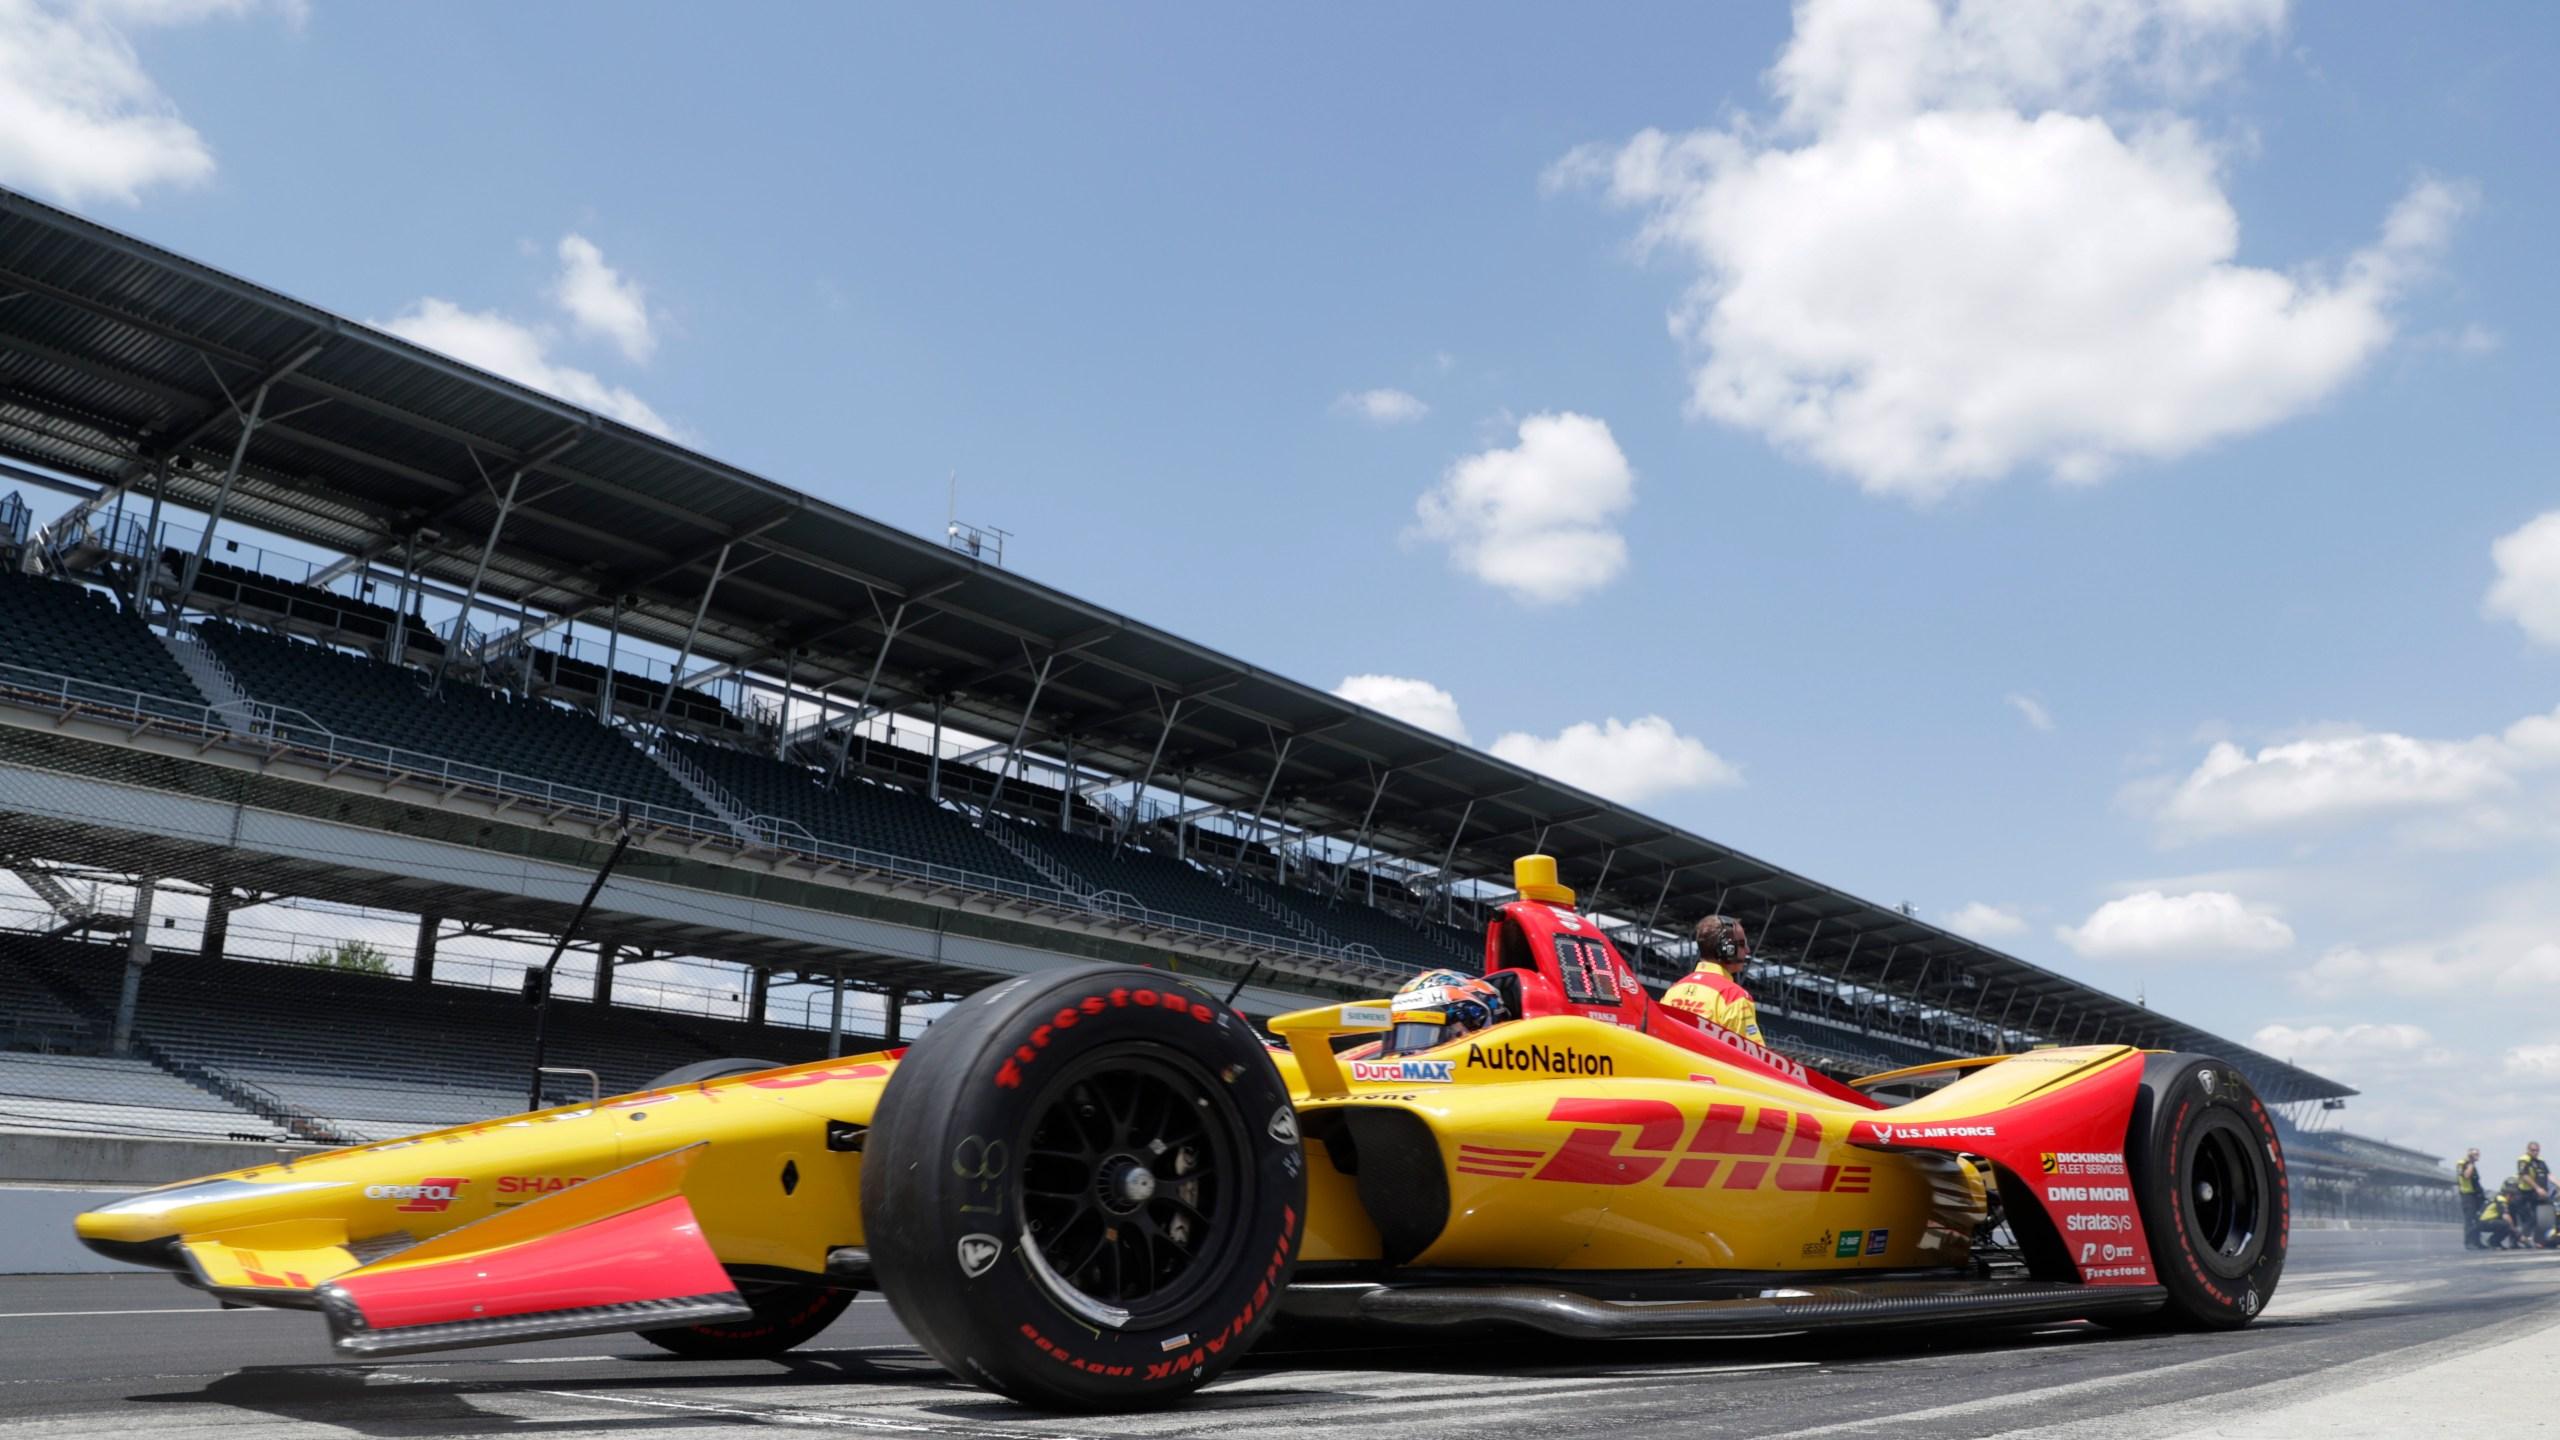 IndyCar Indy 500 Auto Racing_1557961208099